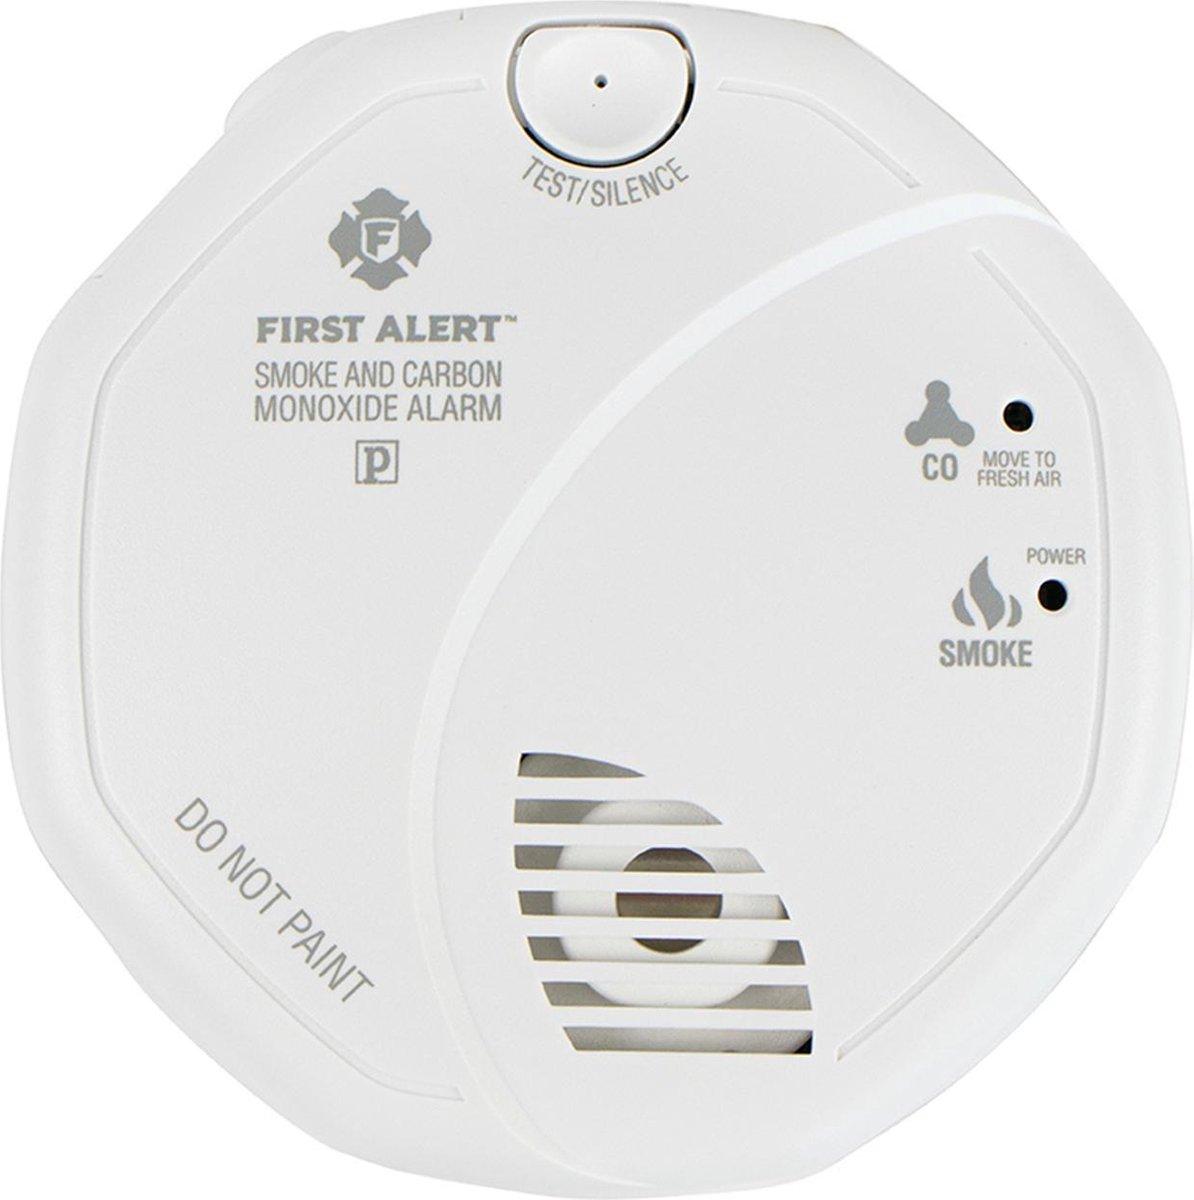 First Alert SCO5CE Combimelder - Rookmelder en  koolmonoxidemelder in één (inclusief batterij)